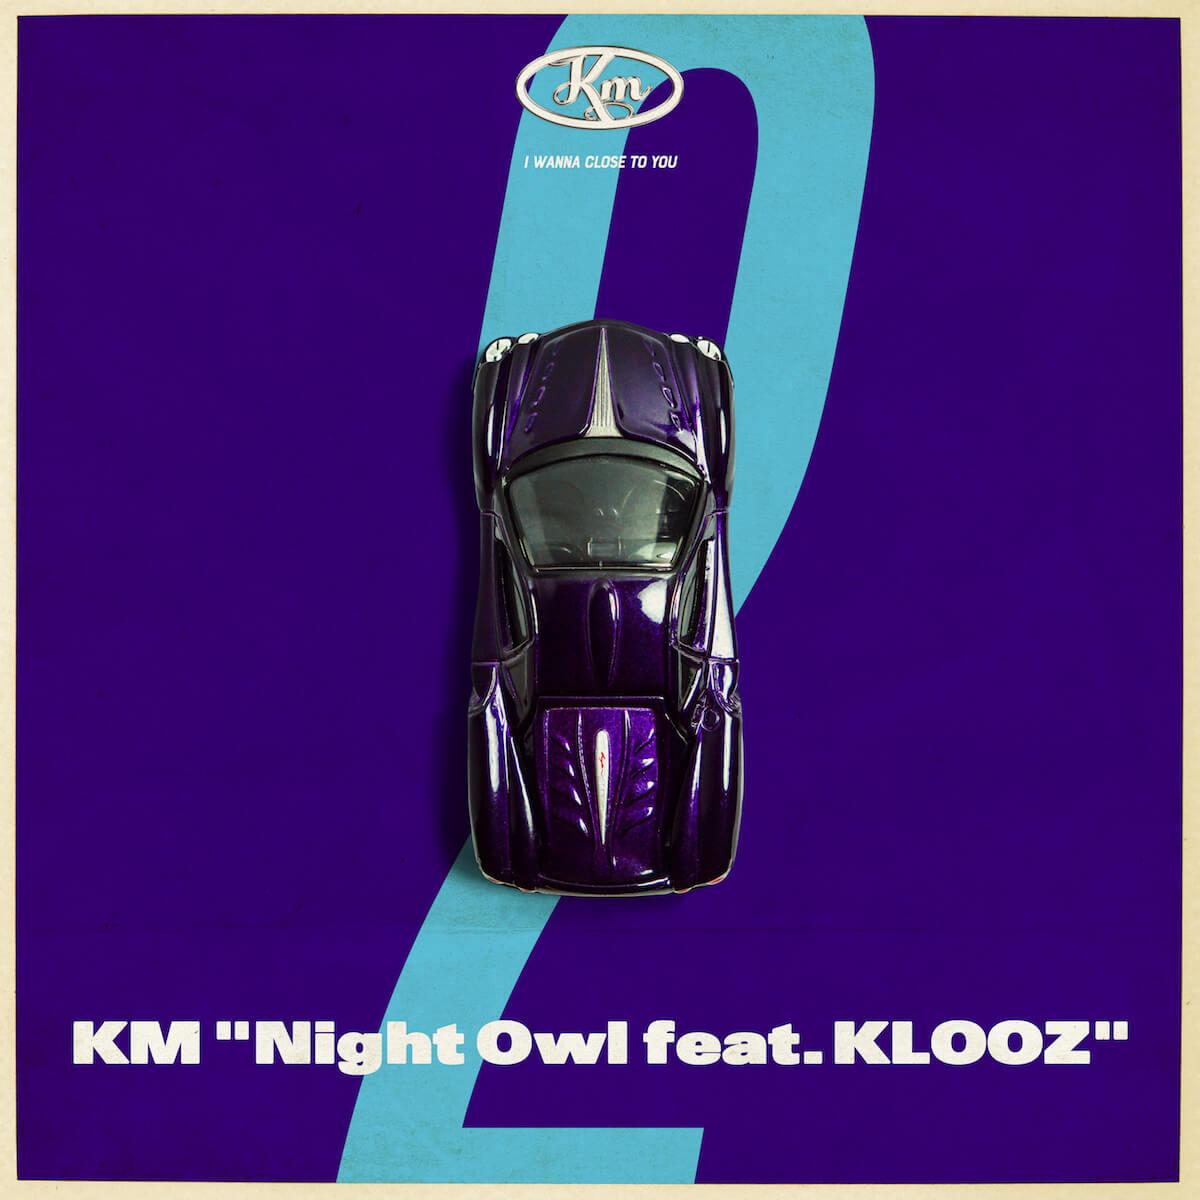 kiLLa、BAD HOP、KANDYTOWNら手がけるプロデューサーKMが1stアルバムをリリース music180809-kmmusic-3